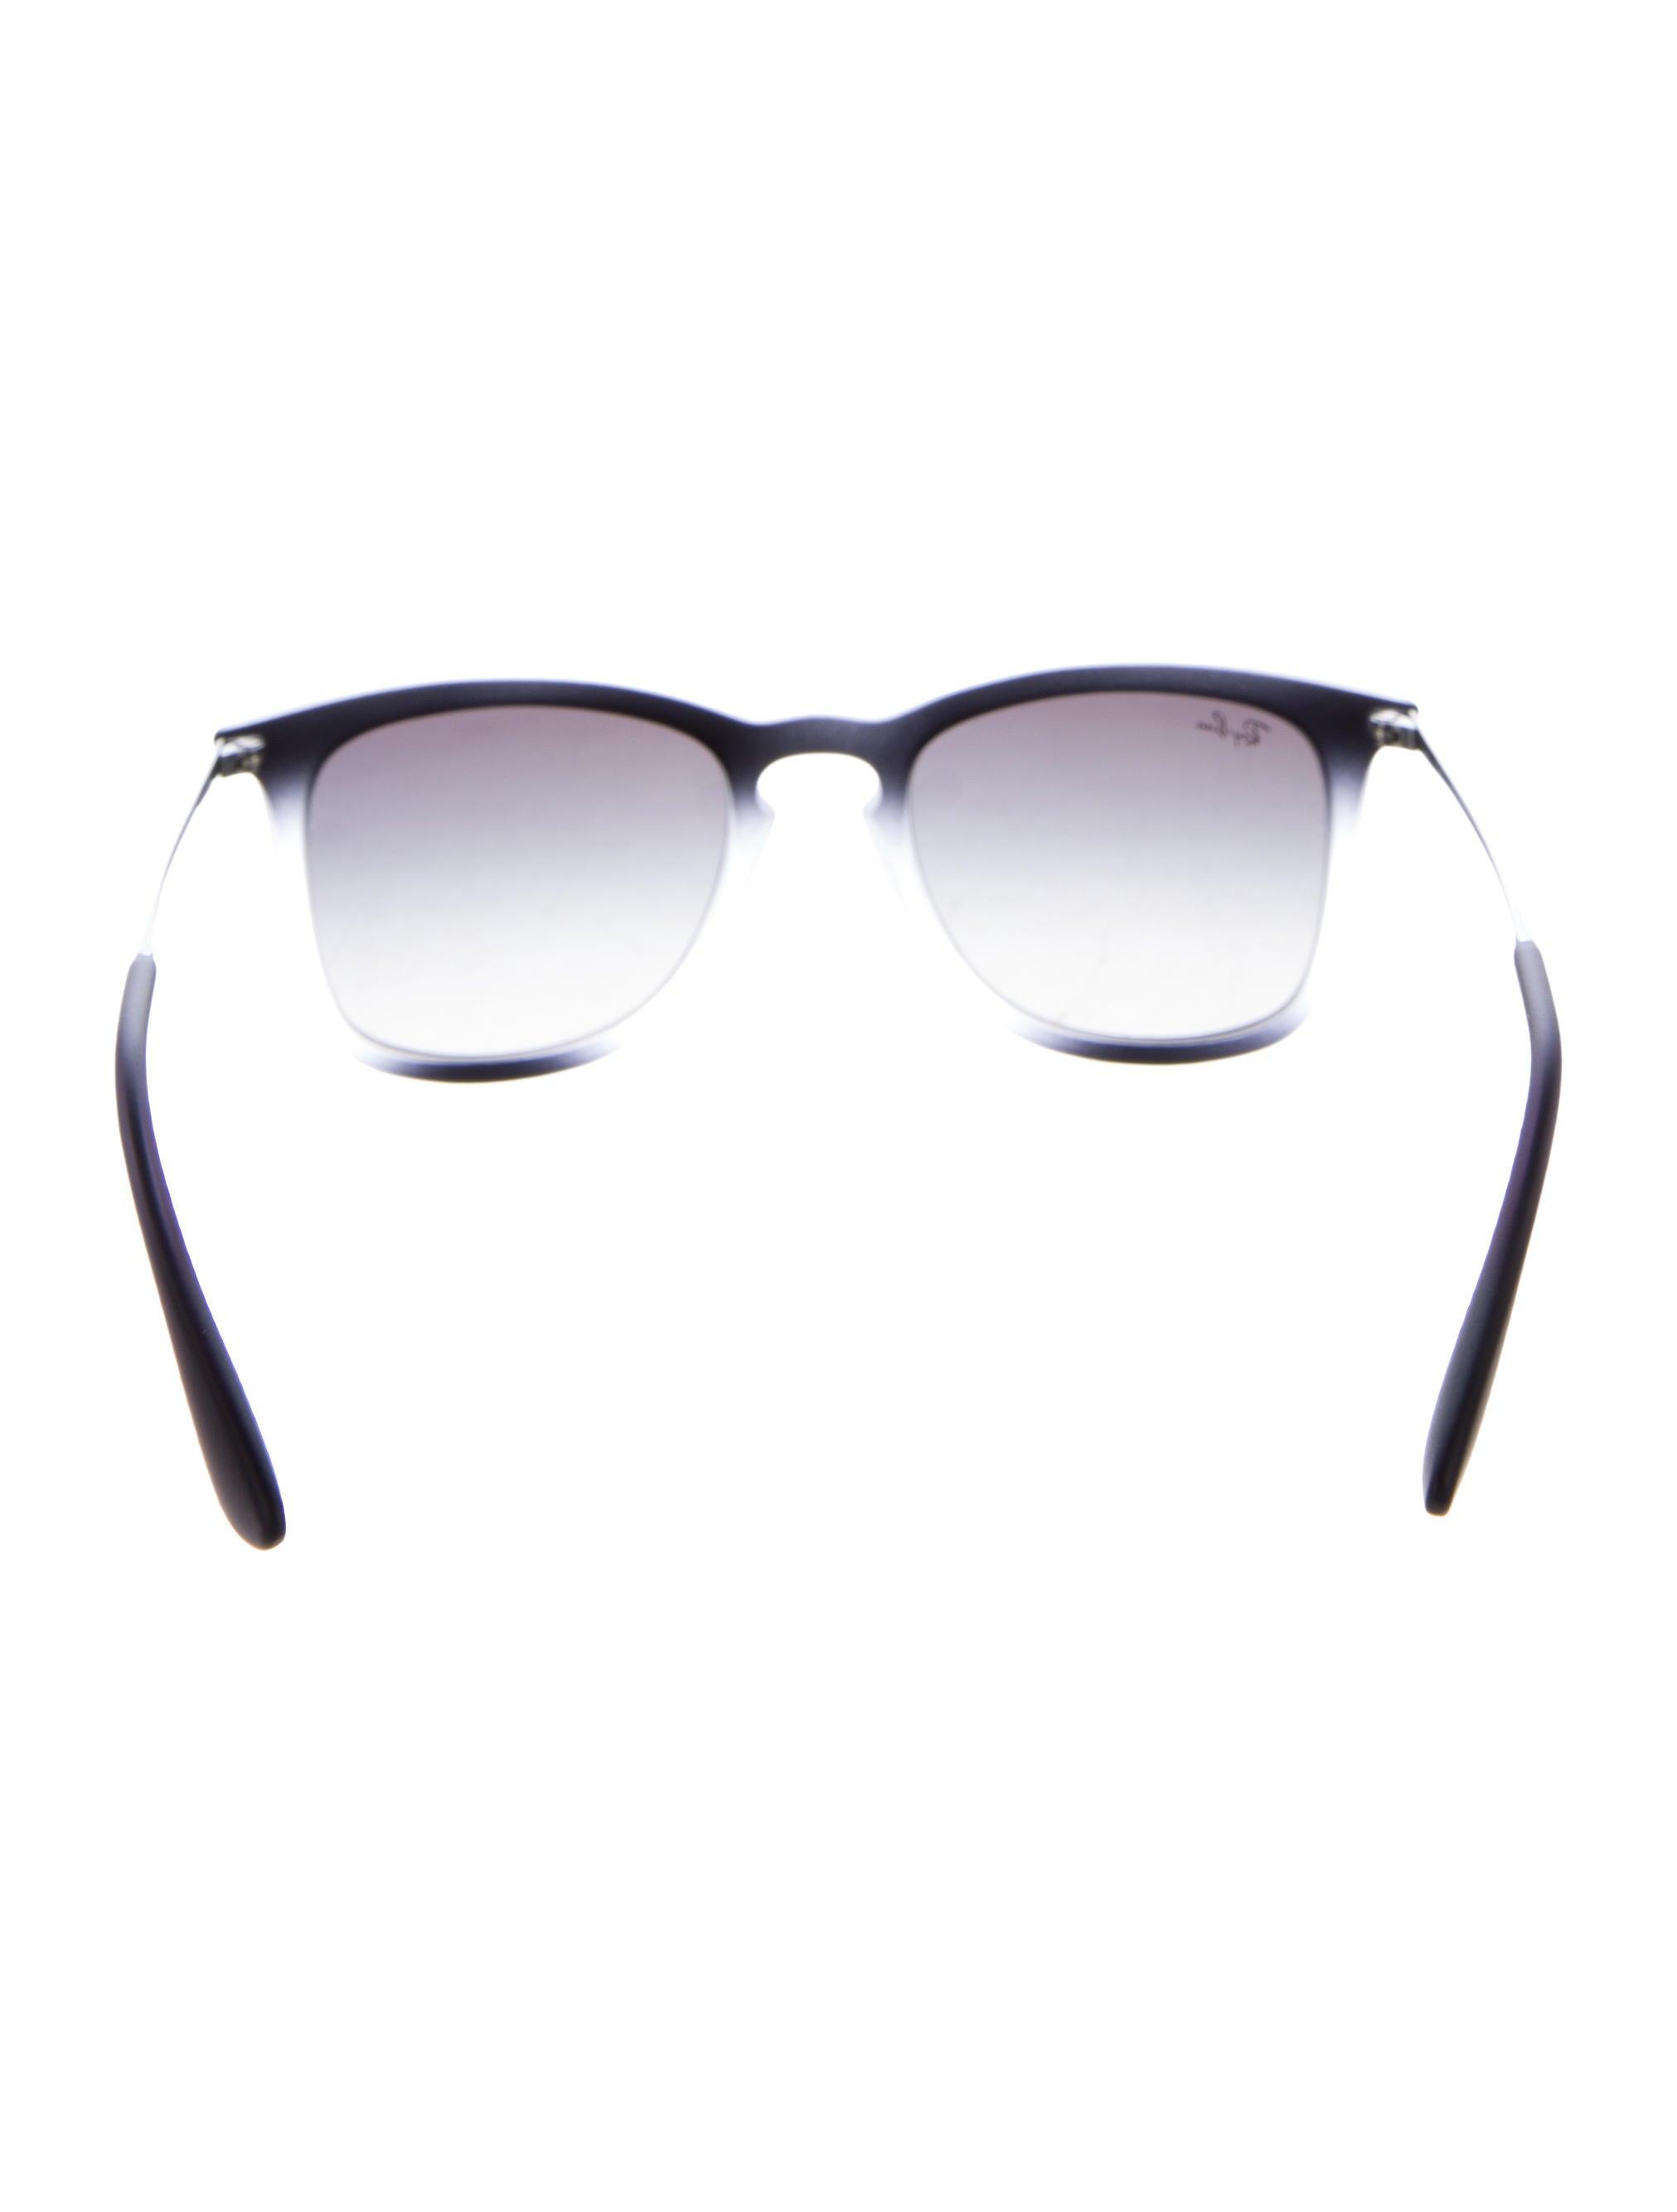 53a0938d62 Ray Ban Wayfarer Grey Frame With White Matte « Heritage Malta